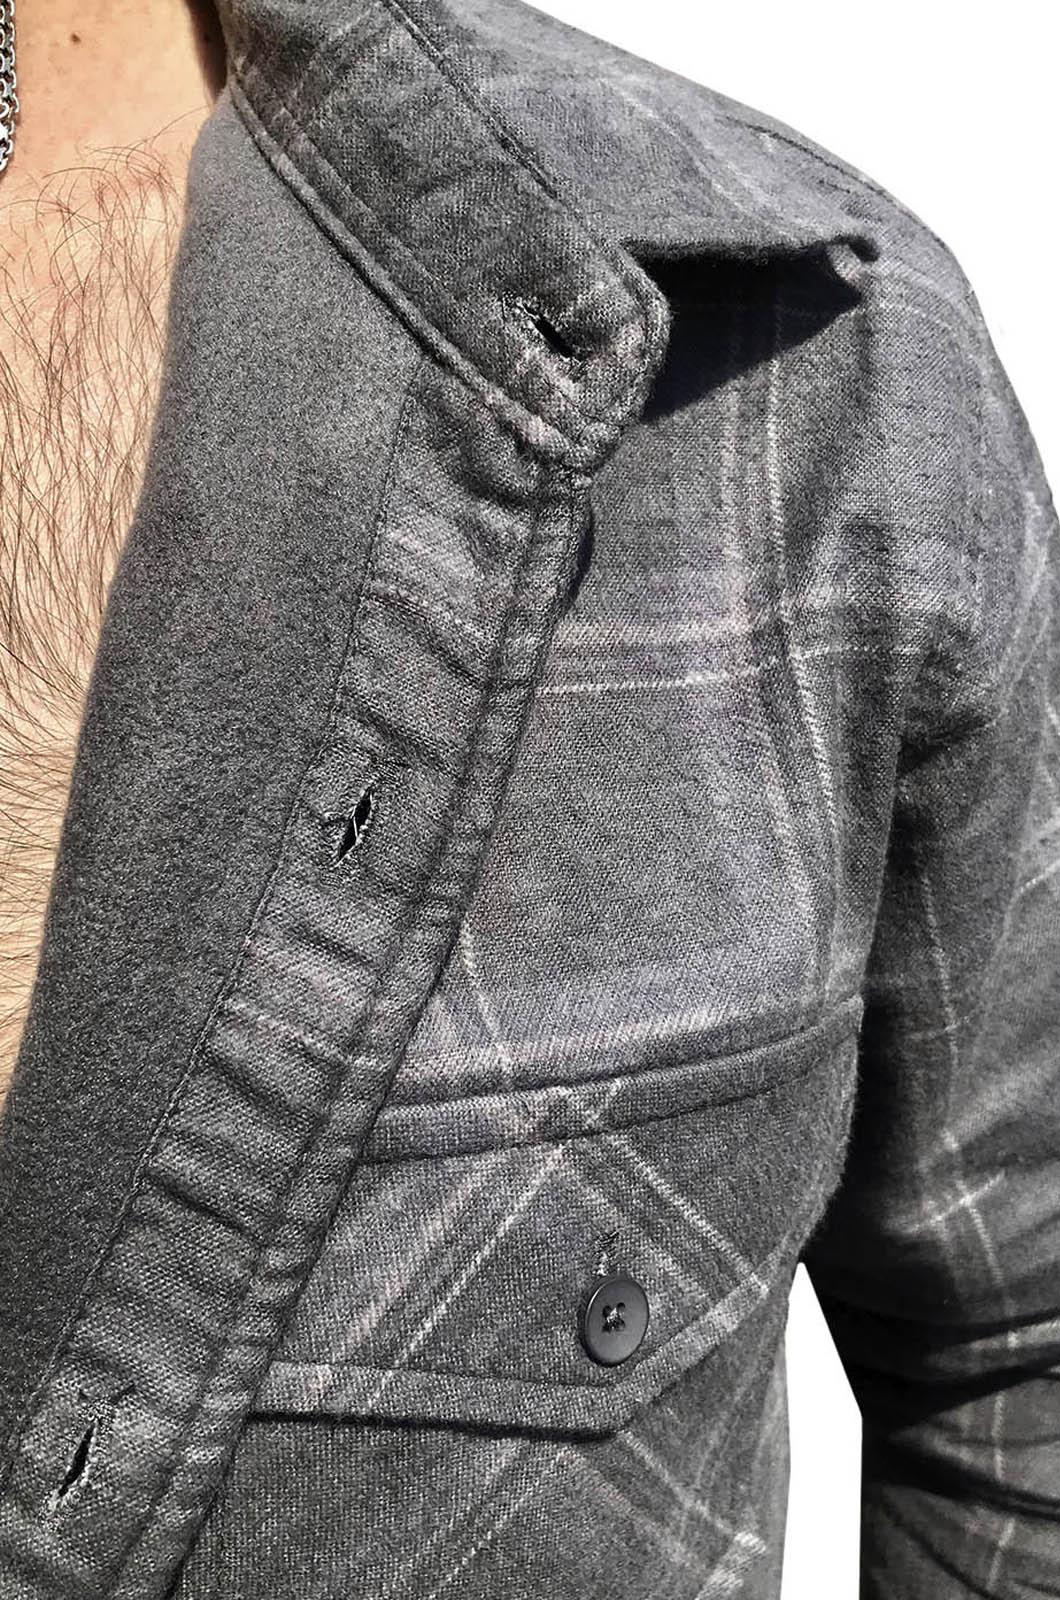 Утепленная мужская рубашка ДШБ Морской пехоты купить оптом